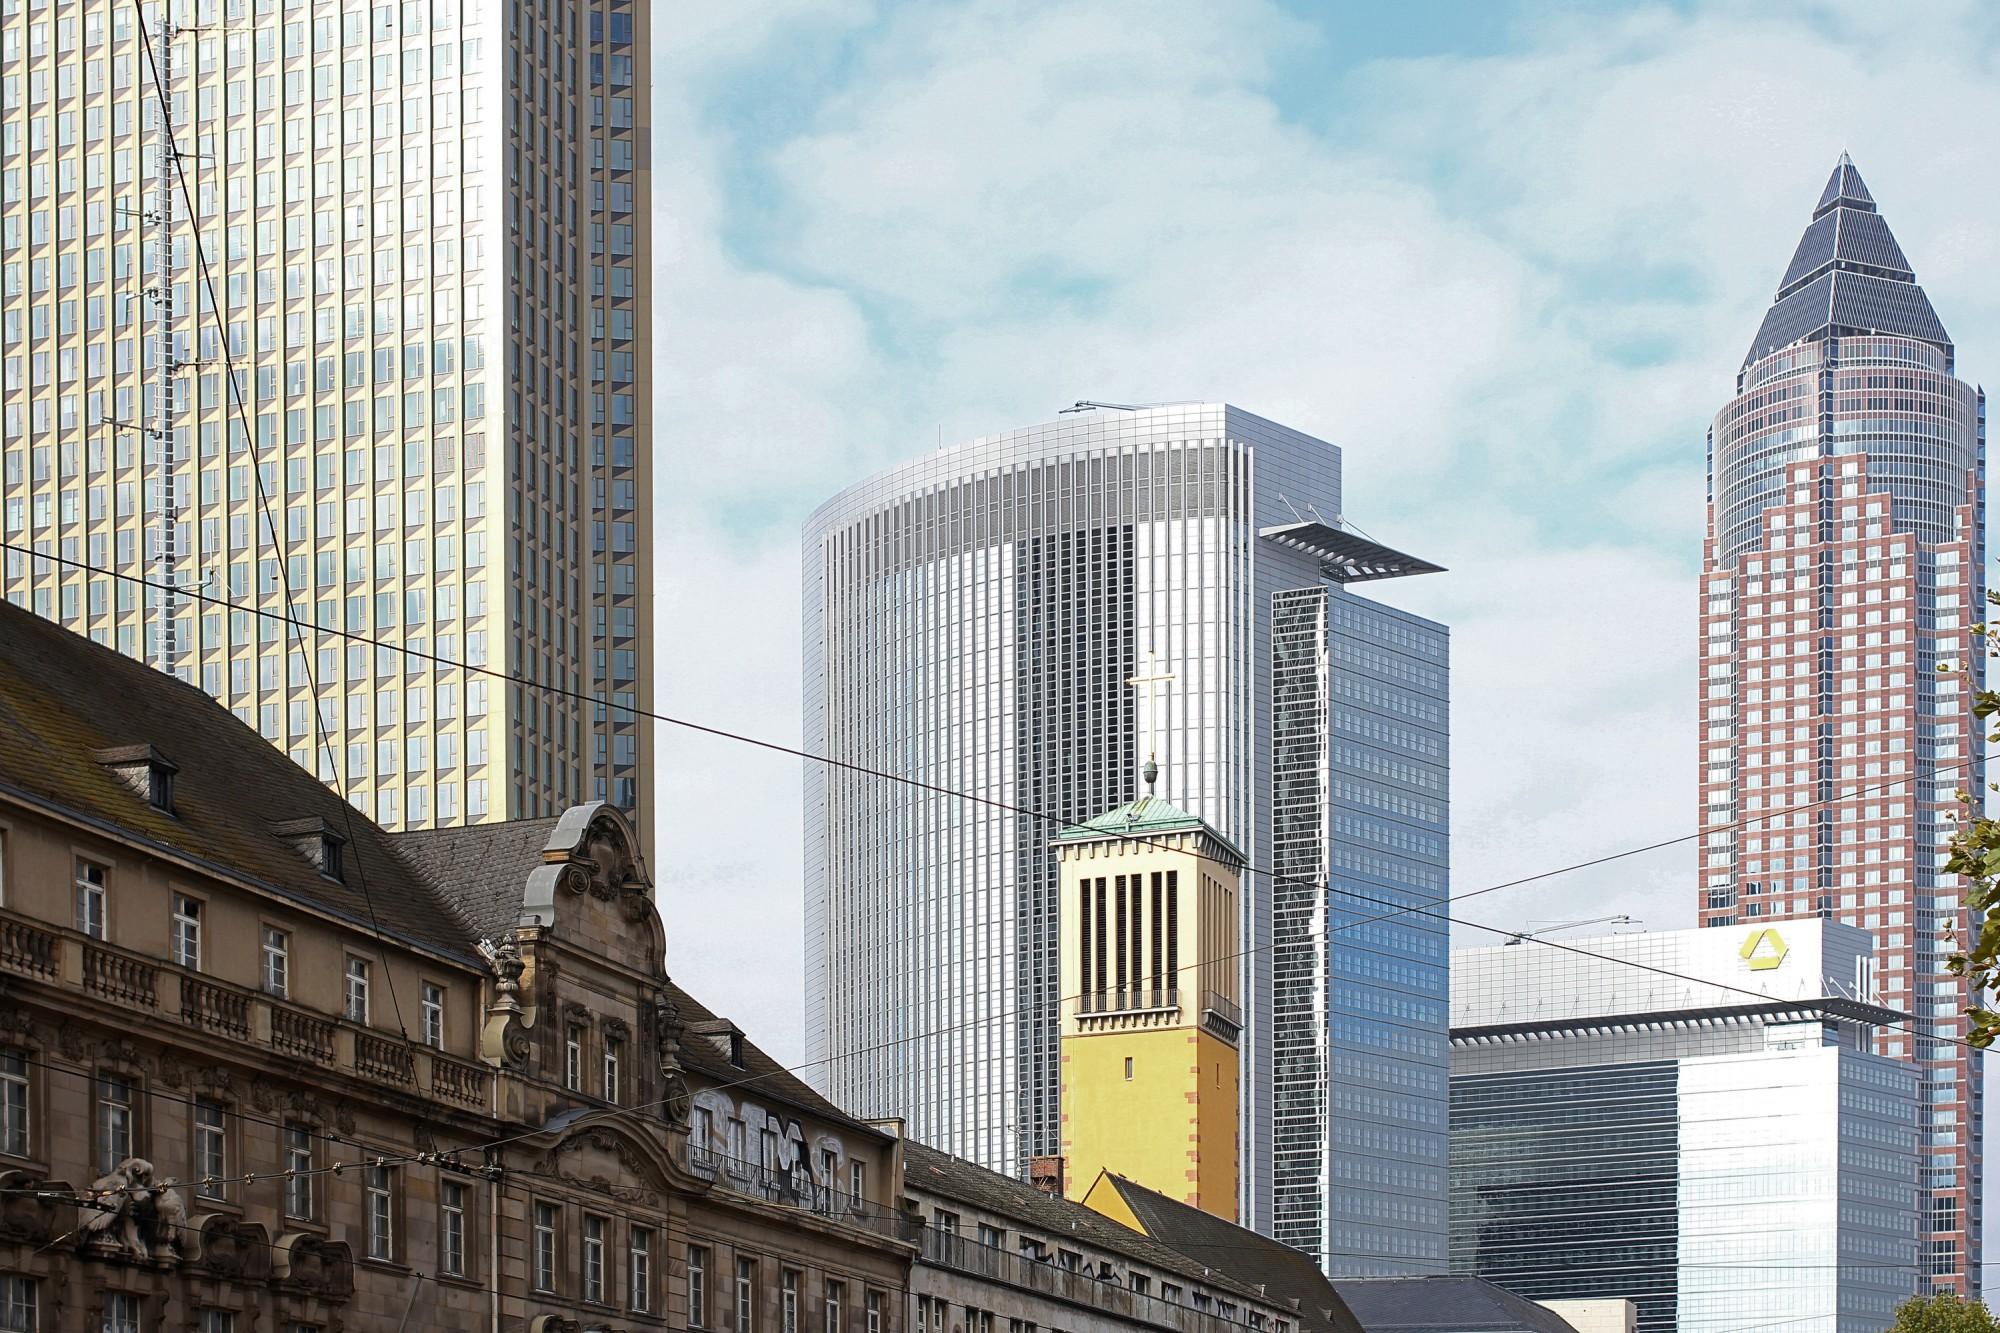 Frankfurt - Architekturfotografie